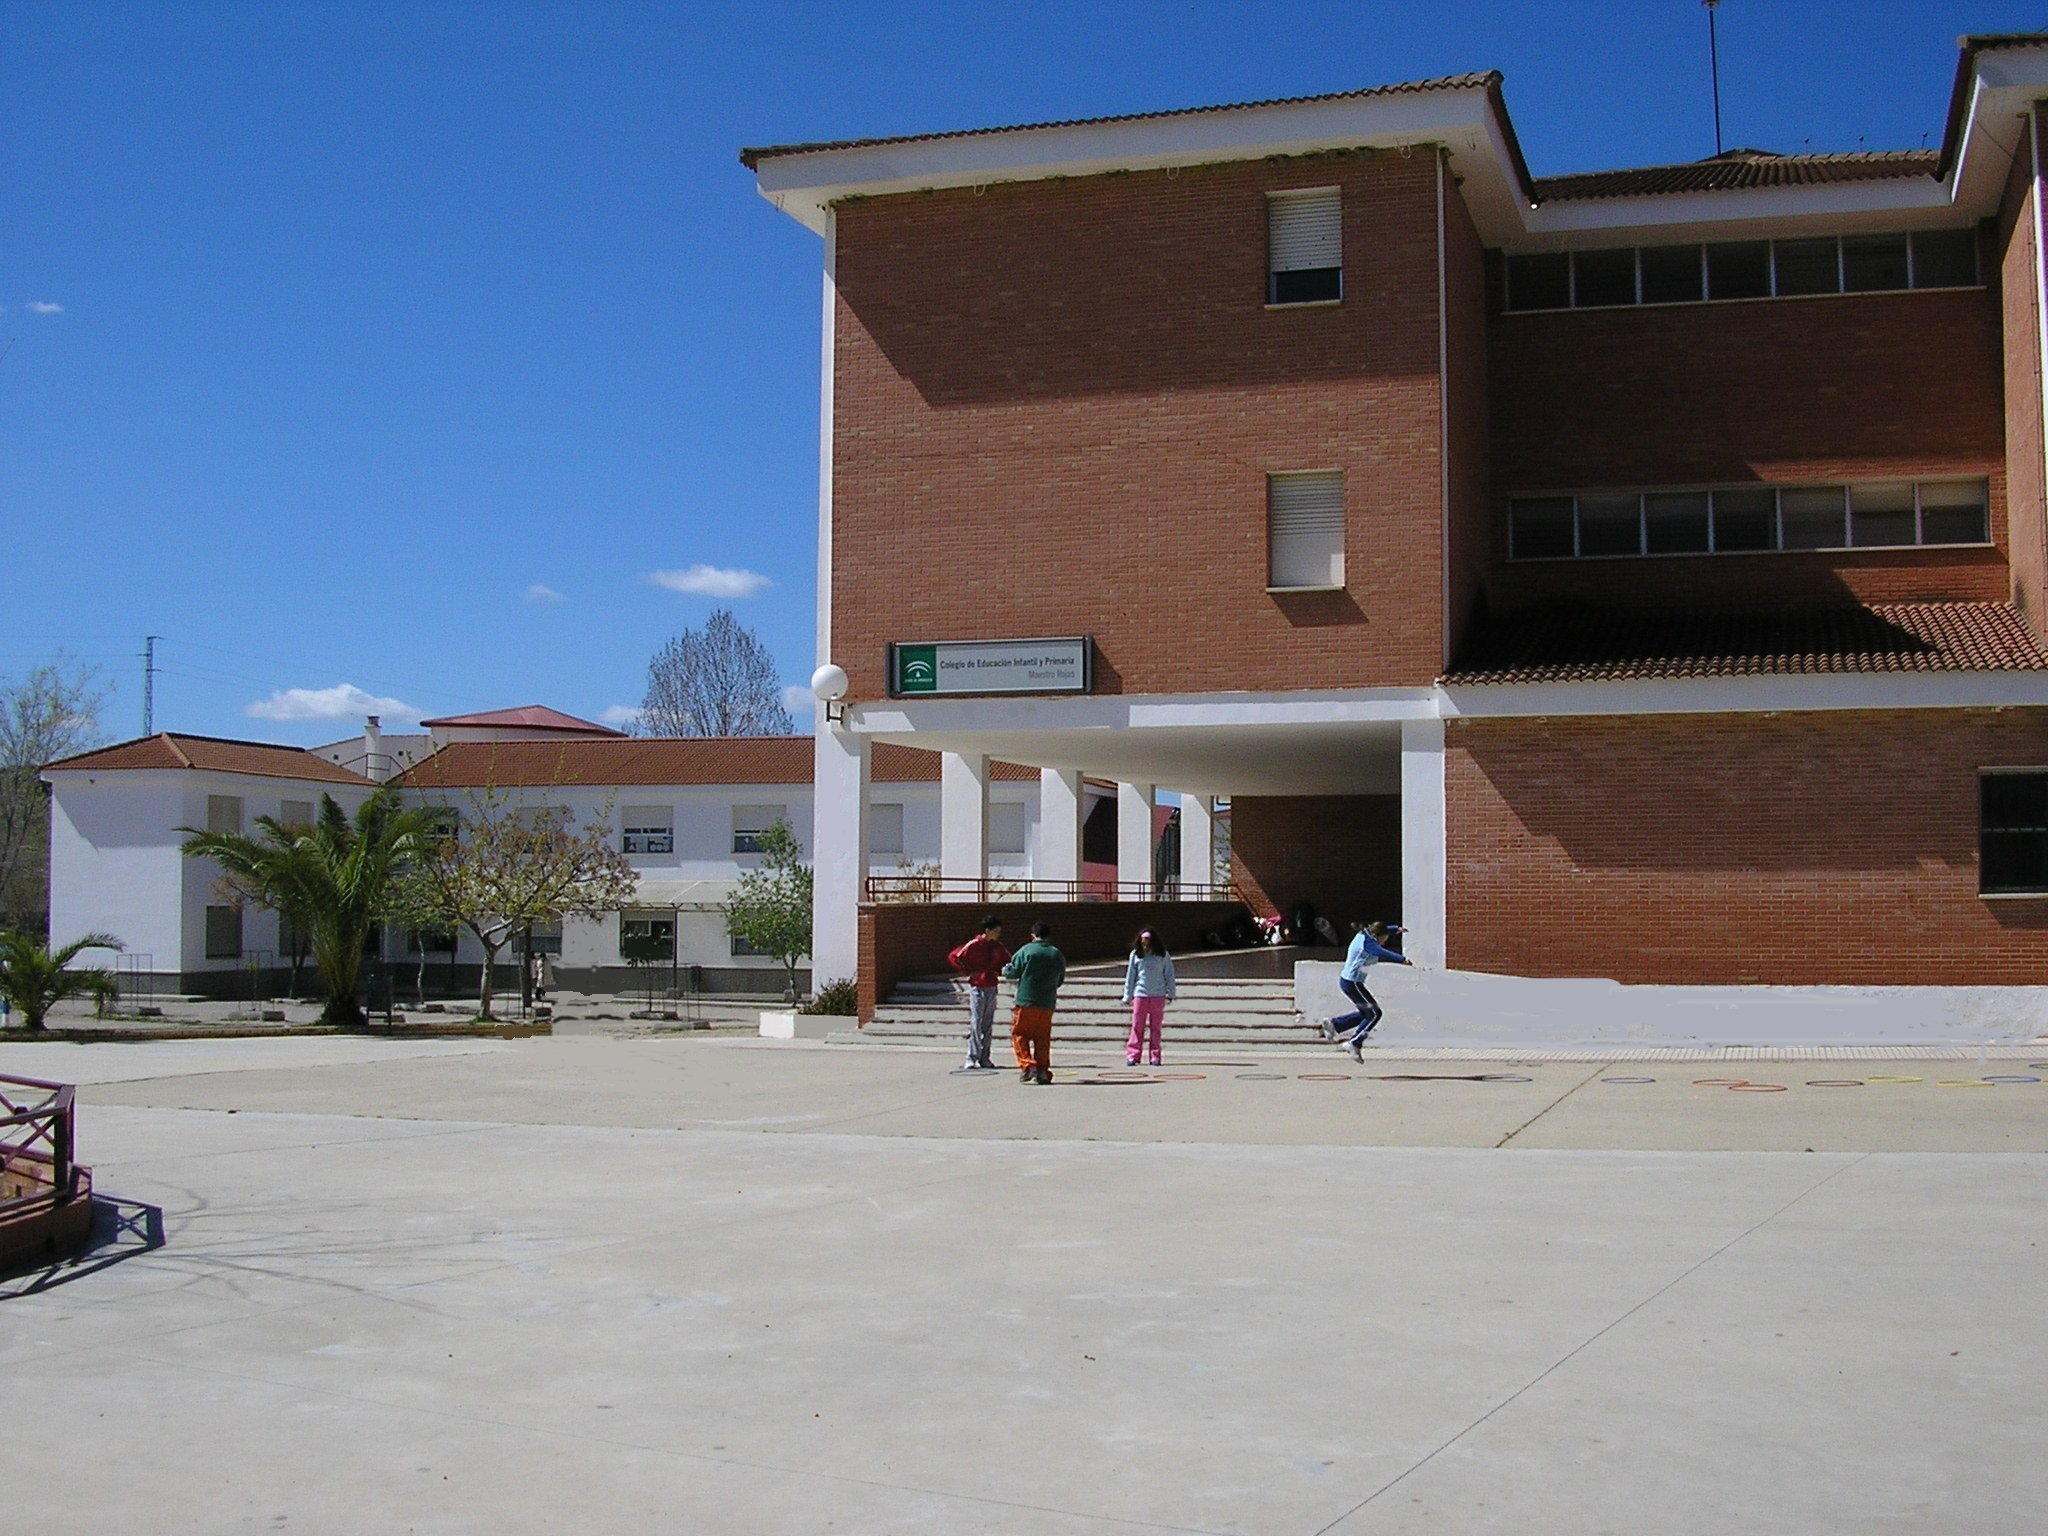 Foto de entrada al colegio